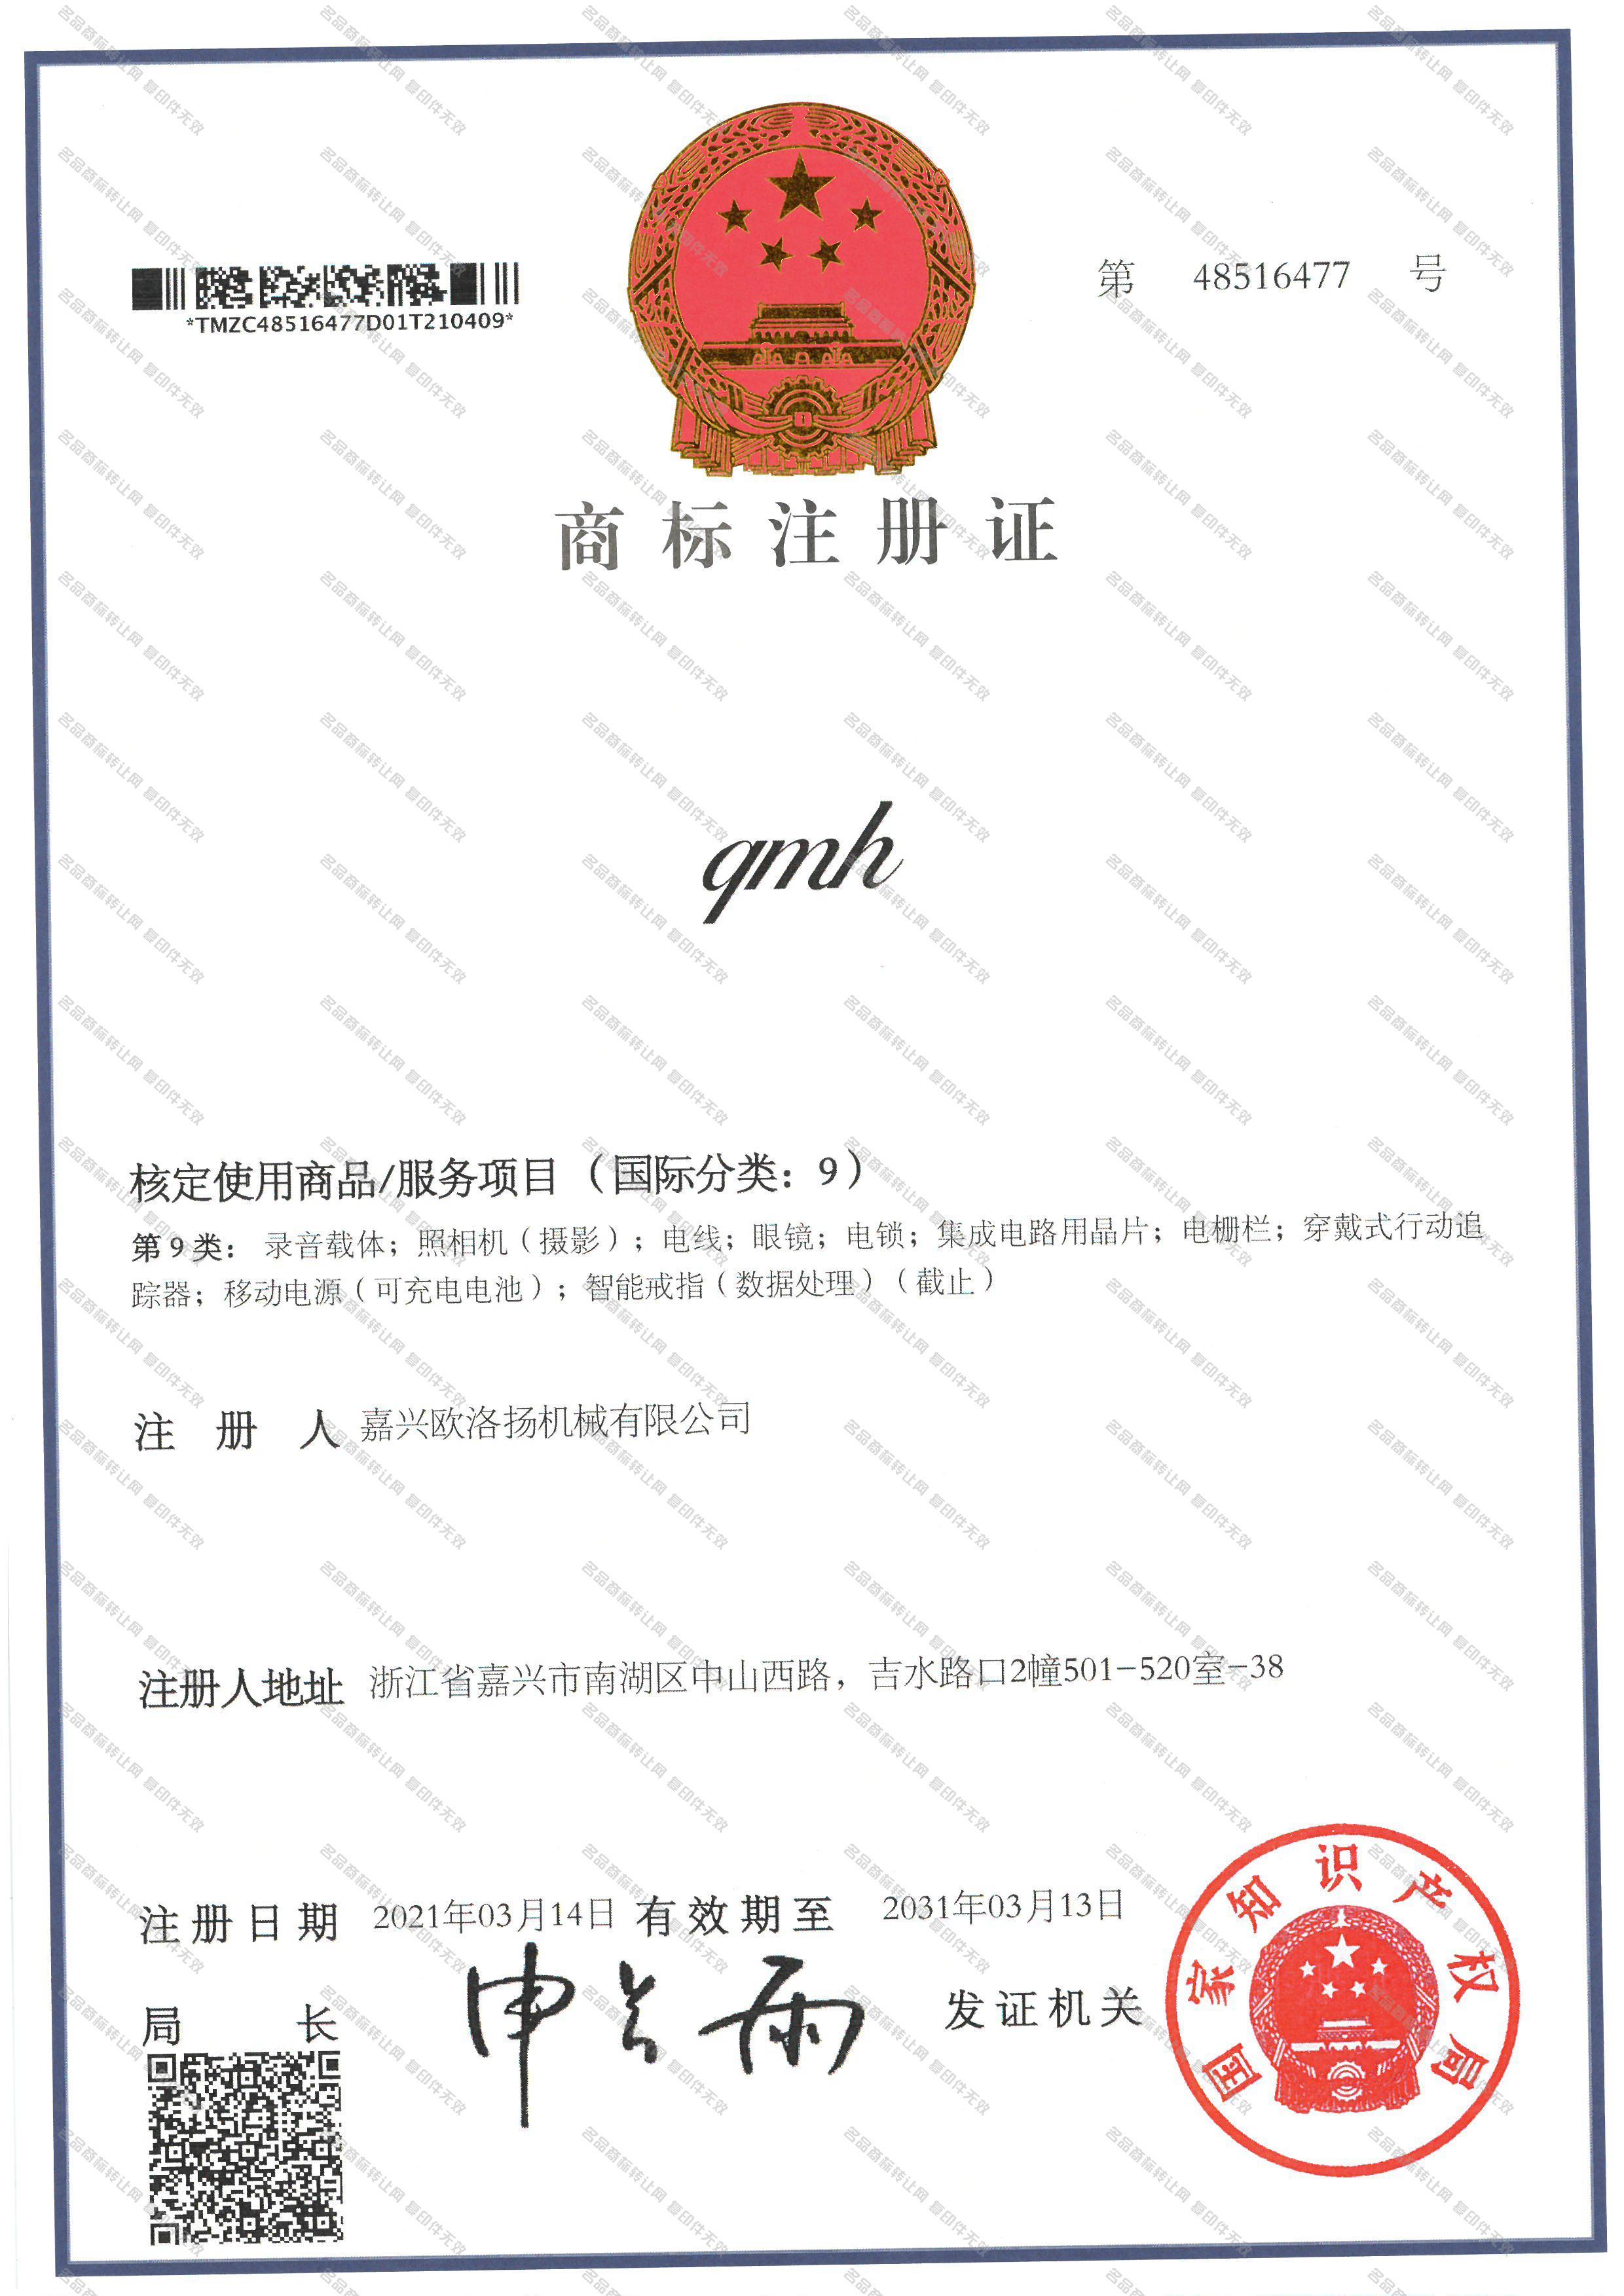 QMH注册证